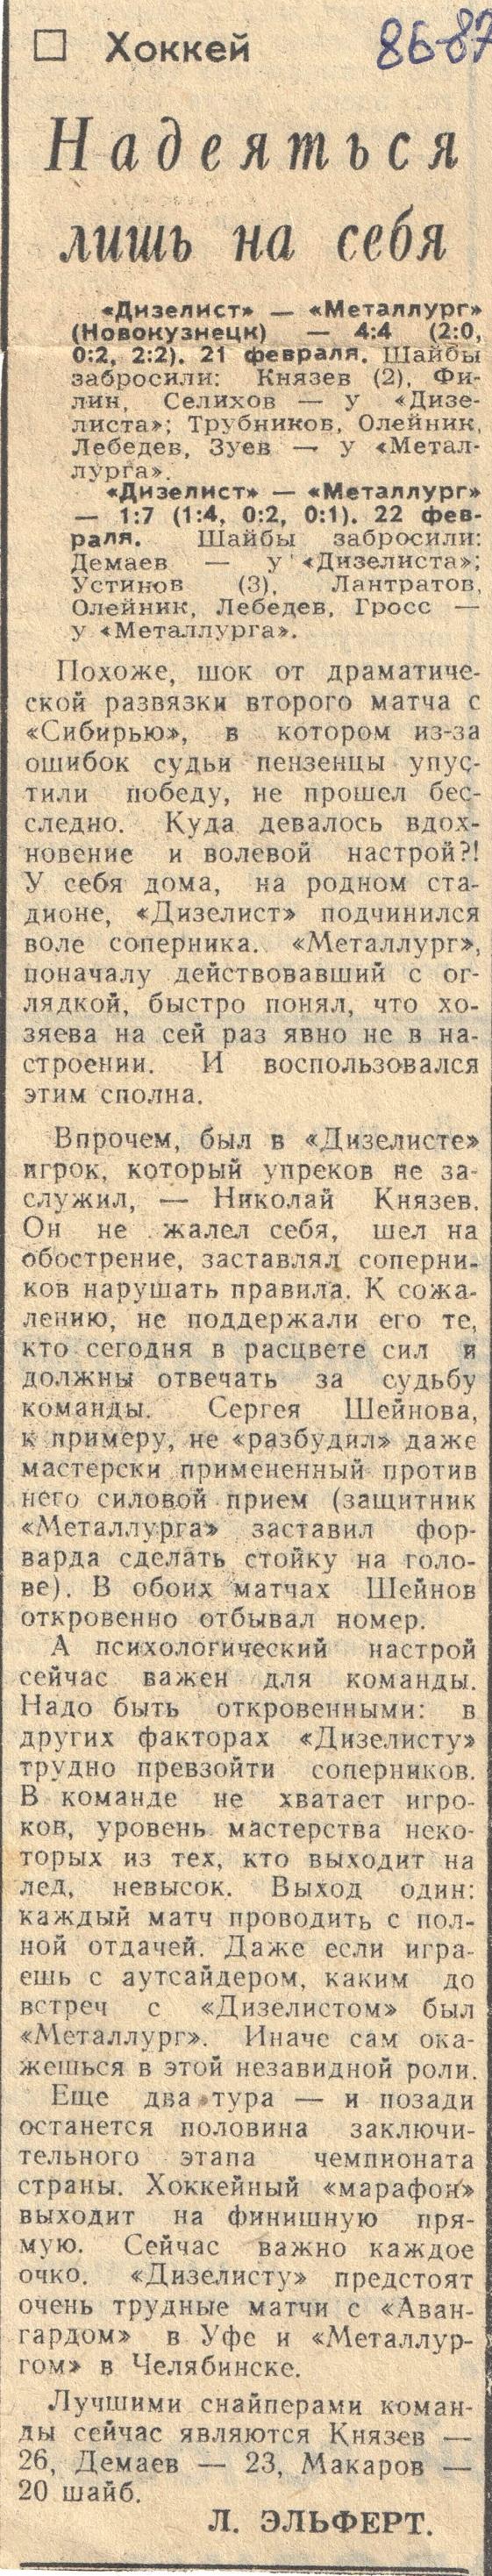 1987-2-21 (22).jpg